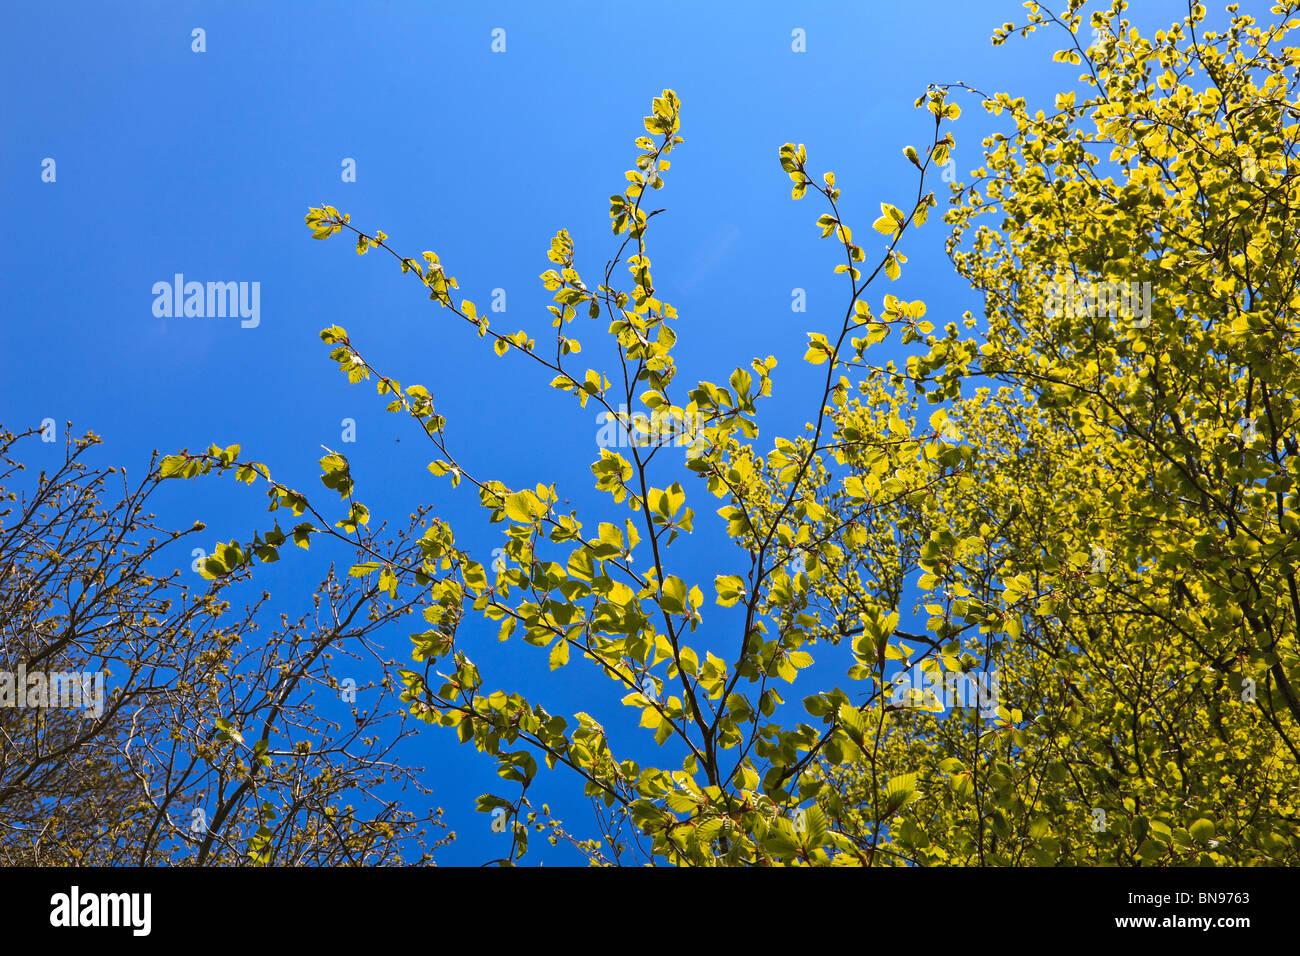 Hell gelb grün Hazel Blätter mit Insekten Summen um und auf ihnen vor blauem Himmel Stockbild